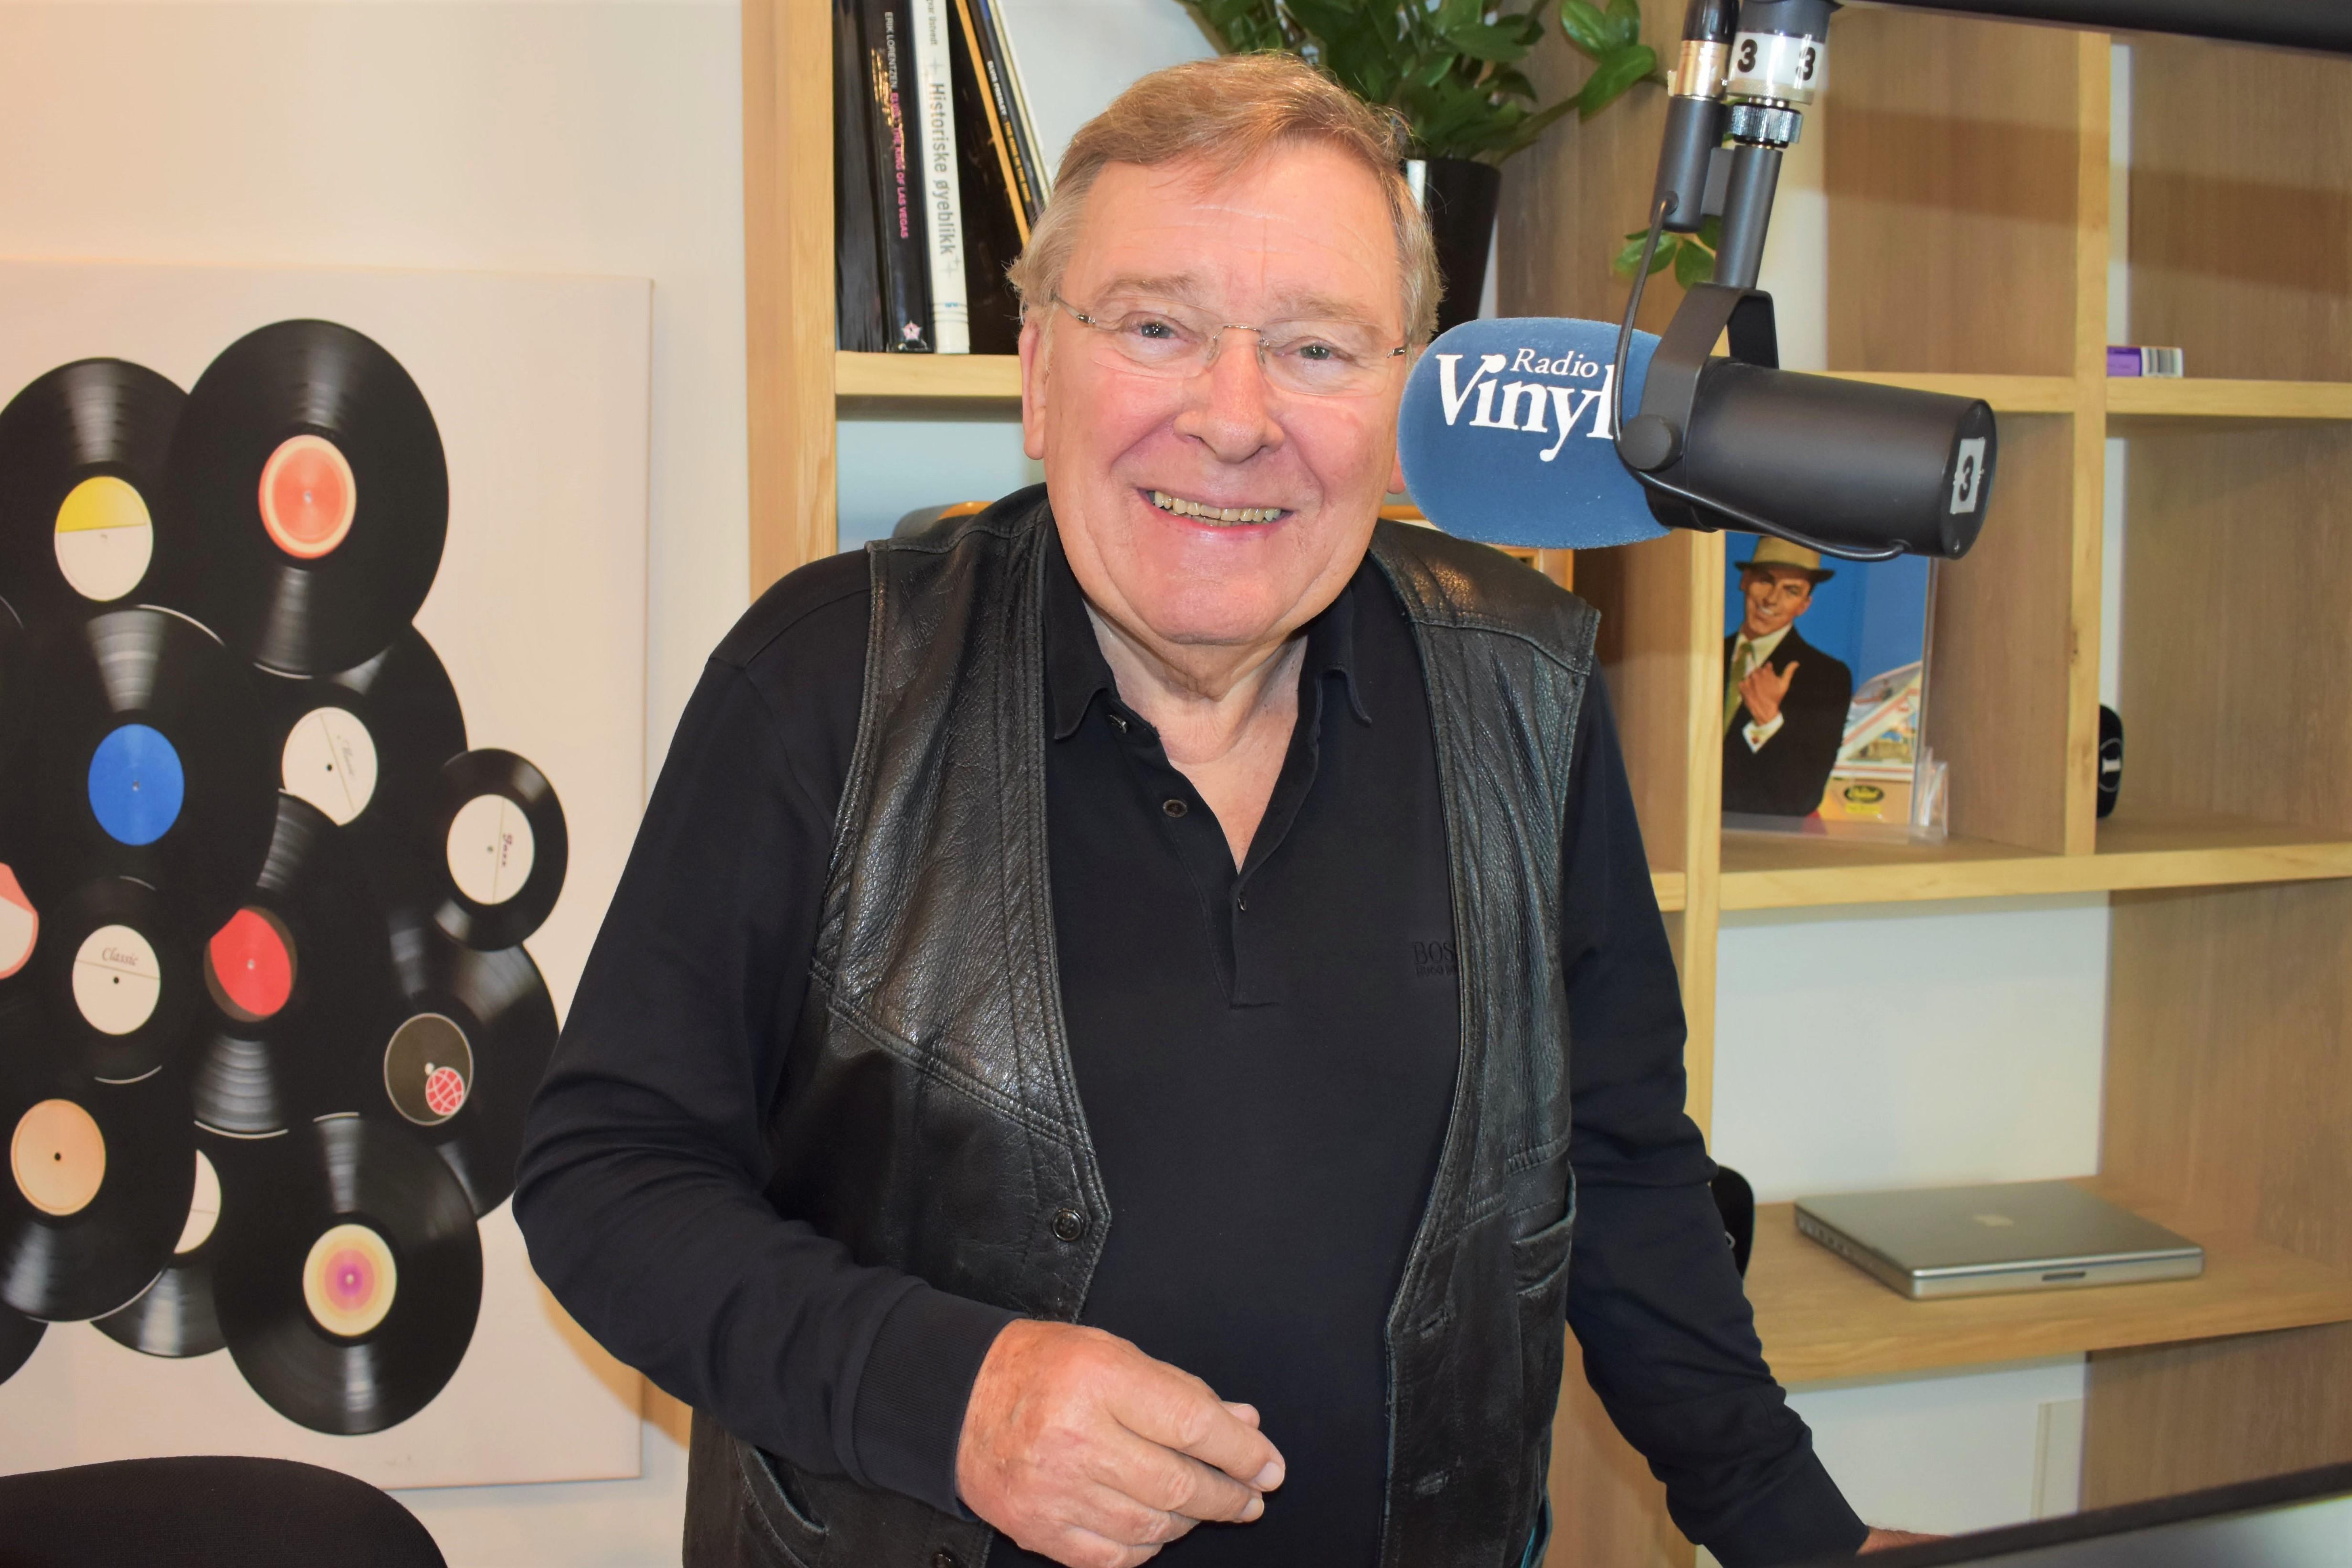 GJENHØR: Vidar Lønn Arnesen Var Kjent For Landets Mest Populære Radioprogram, «Ti I Skuddet» Gjennom 42 år. Programmet Har Nå Fått Sin Renessanse På Radio Vinyl. Foto: Radio Vinyl.